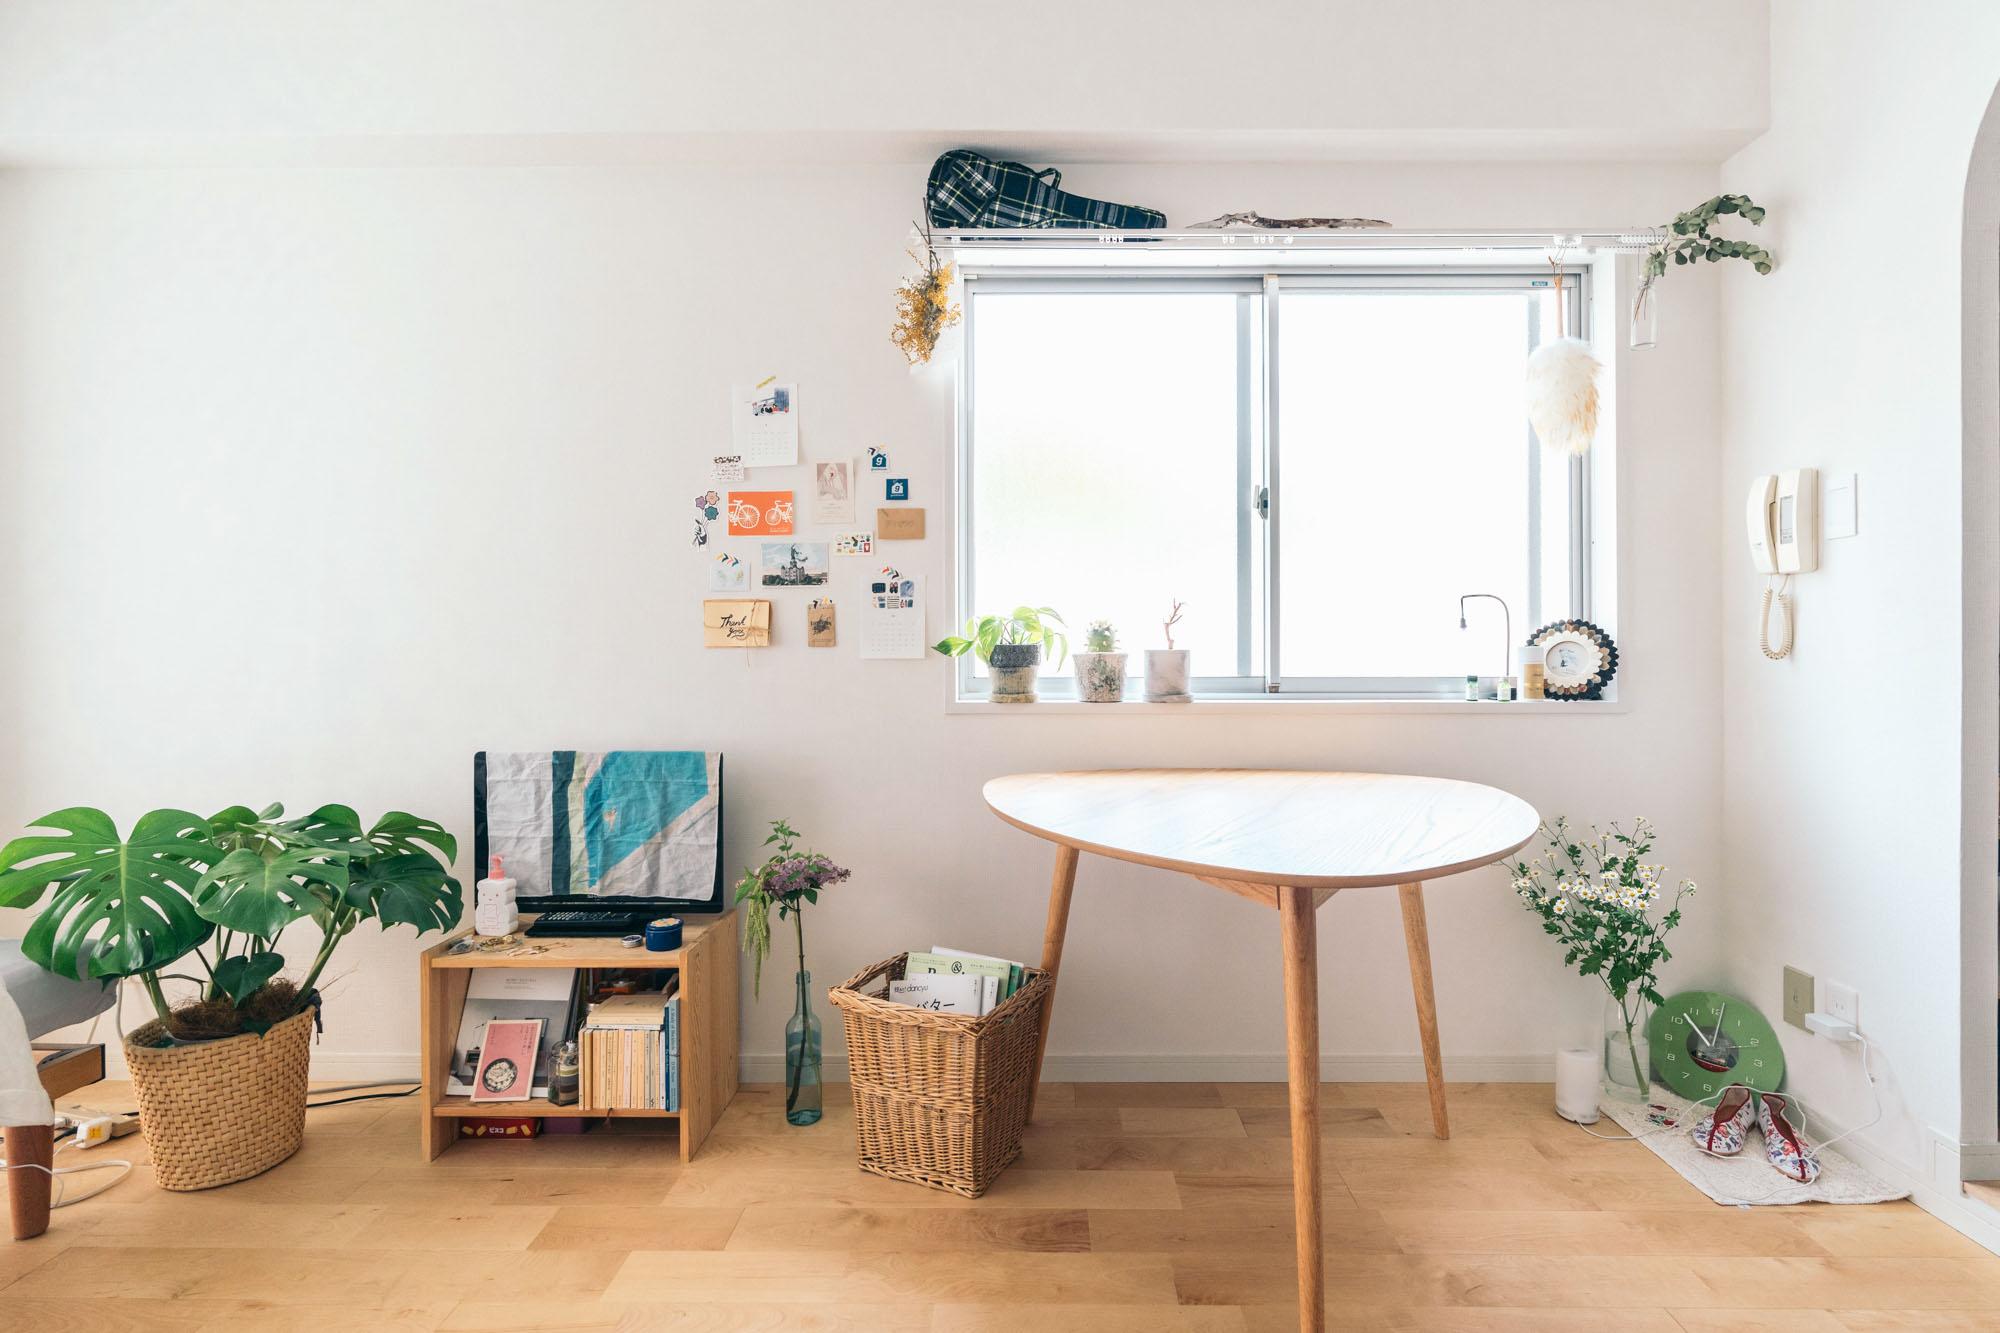 無垢床リノベーション賃貸「TOMOS(トモス)」のワンルームに暮らす、グッドルーム広島店スタッフ、ゆりこさんのお部屋。 キッチン、洗面台、居室とつながる7.5畳のワンルームは、角部屋の2面採光がポイント。南向きでとても明るいお部屋です。